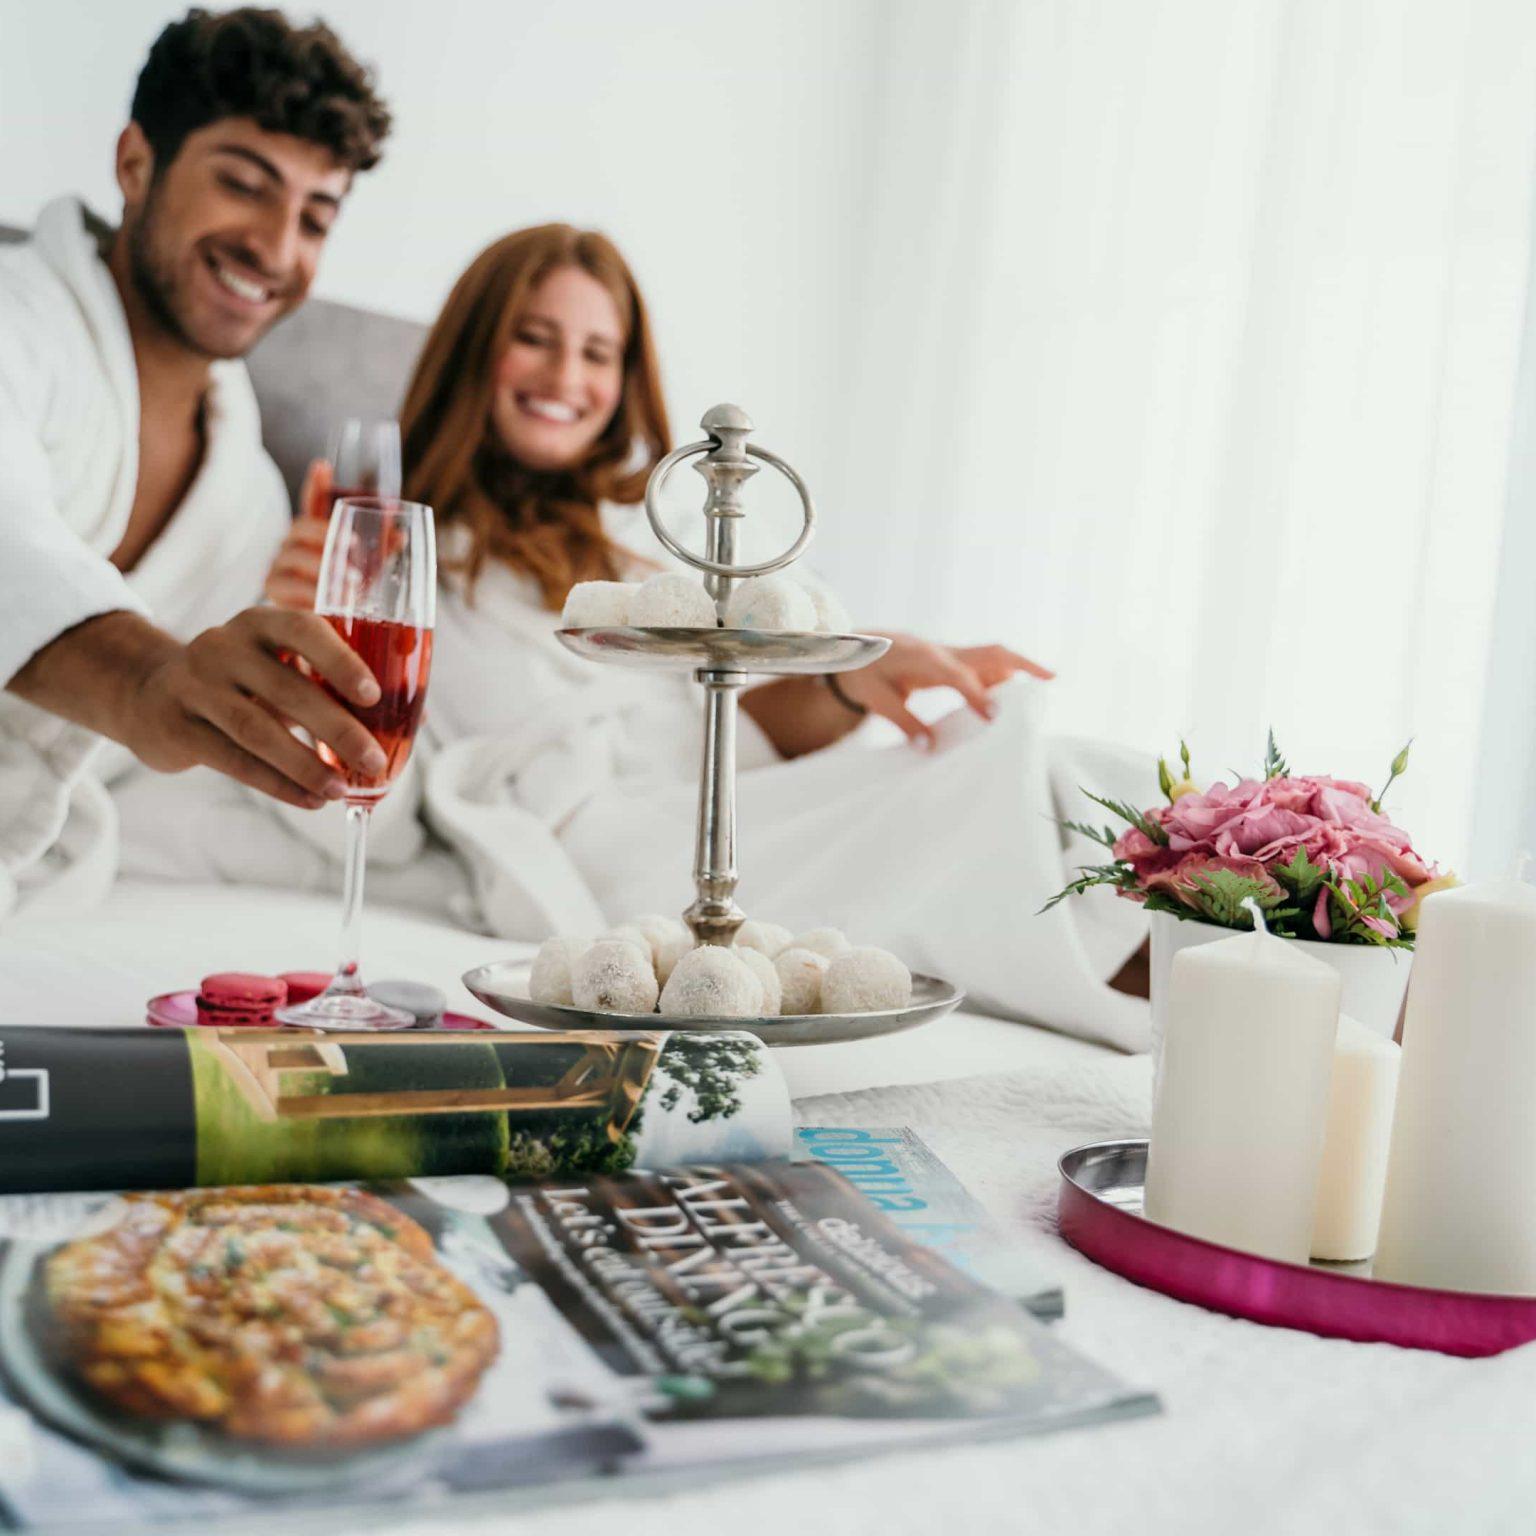 זוג עושה לחיים